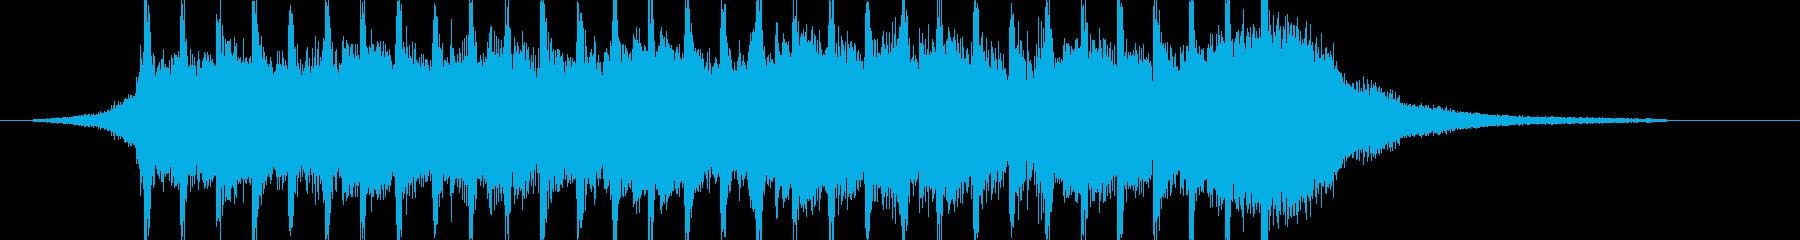 企業VP系31、爽やかギター4つ打ち9cの再生済みの波形